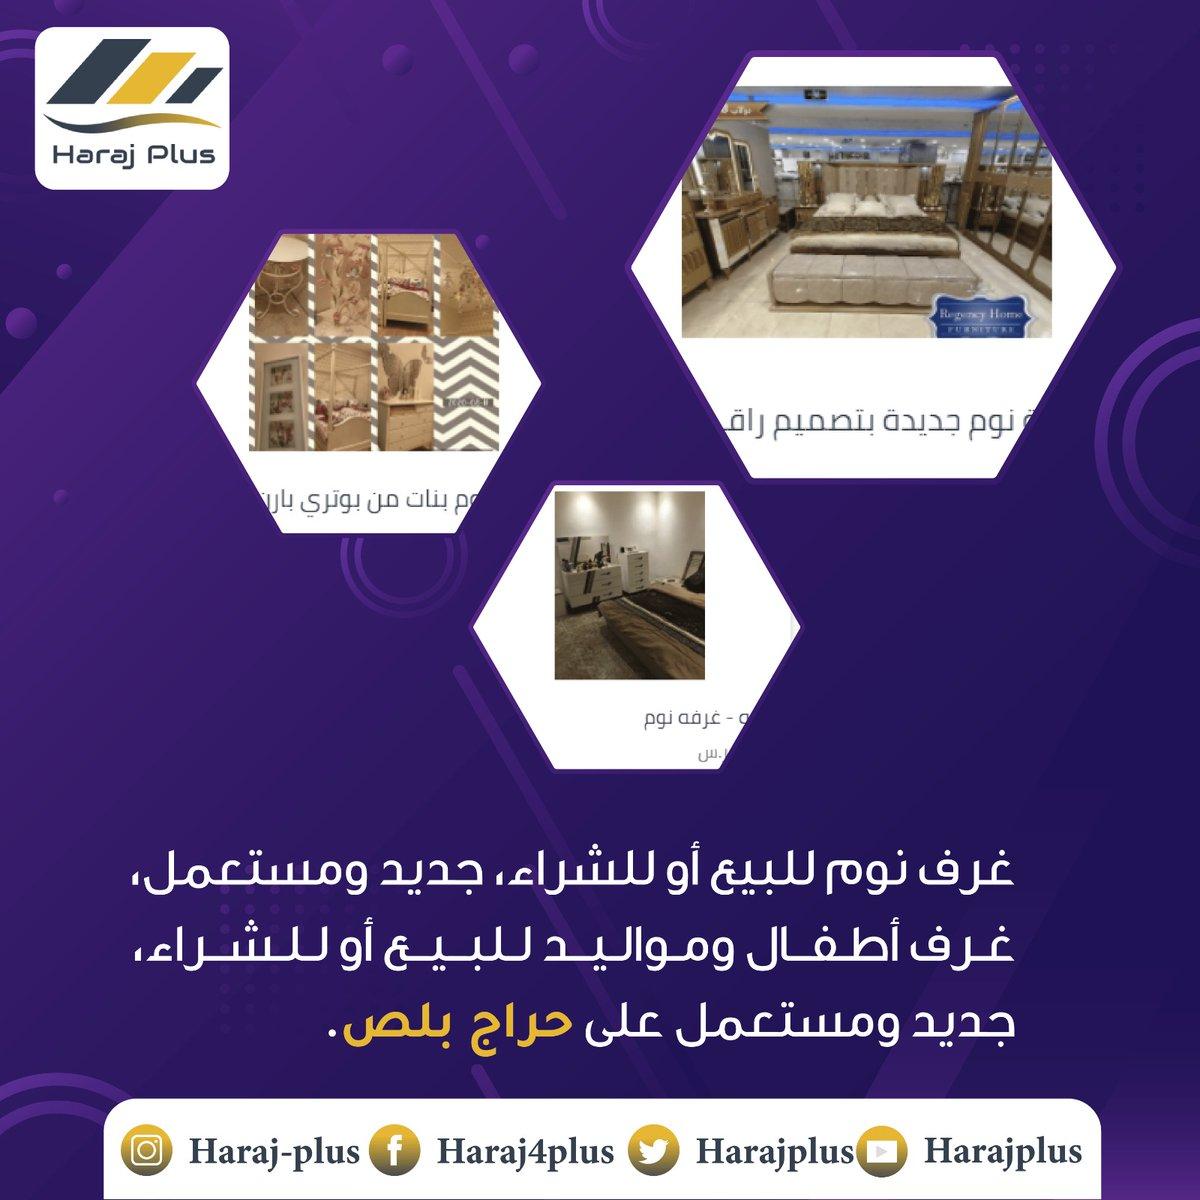 غرف نوم #للبيع أو للشراء، #جديد ومستعمل، غرف #أطفال ومواليد للبيع أو للشراء، جديد ومستعمل على #حراج_بلص